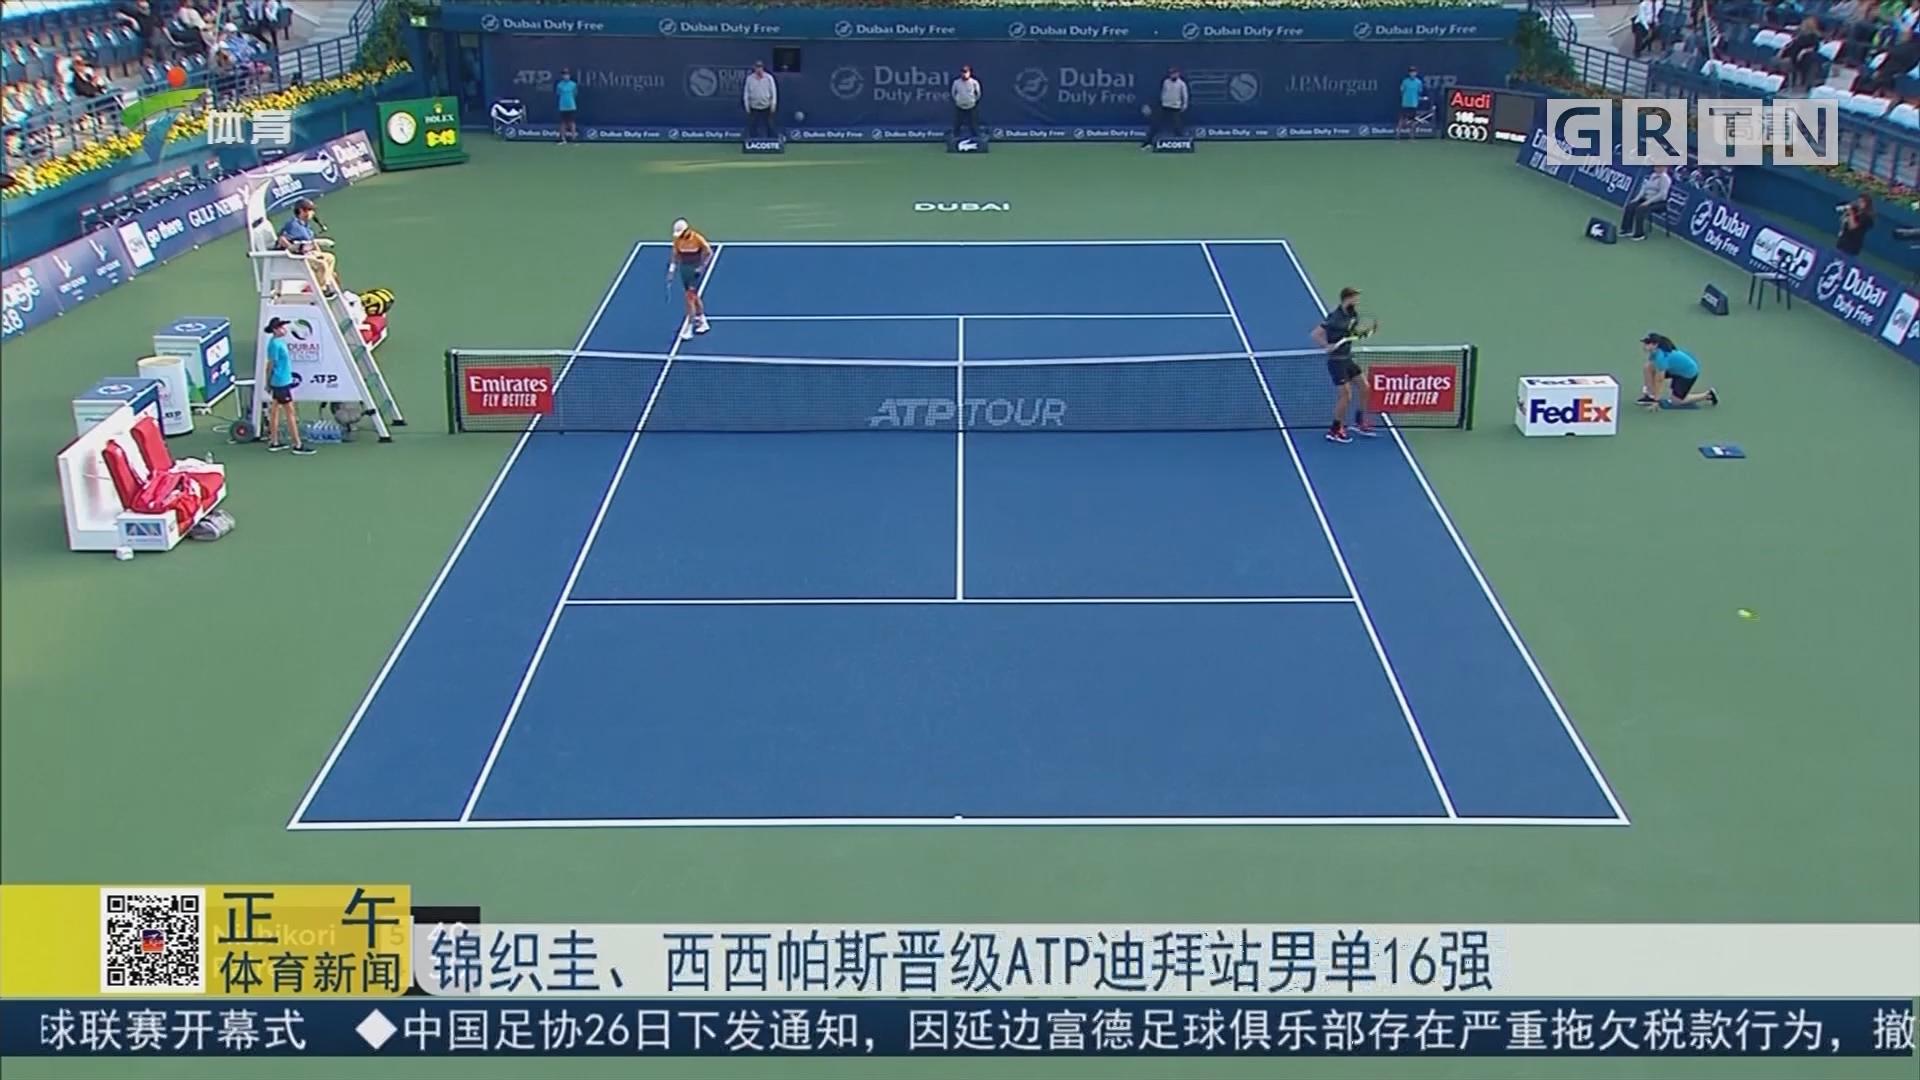 锦织圭、西西帕斯晋级ATP迪拜站男单16强